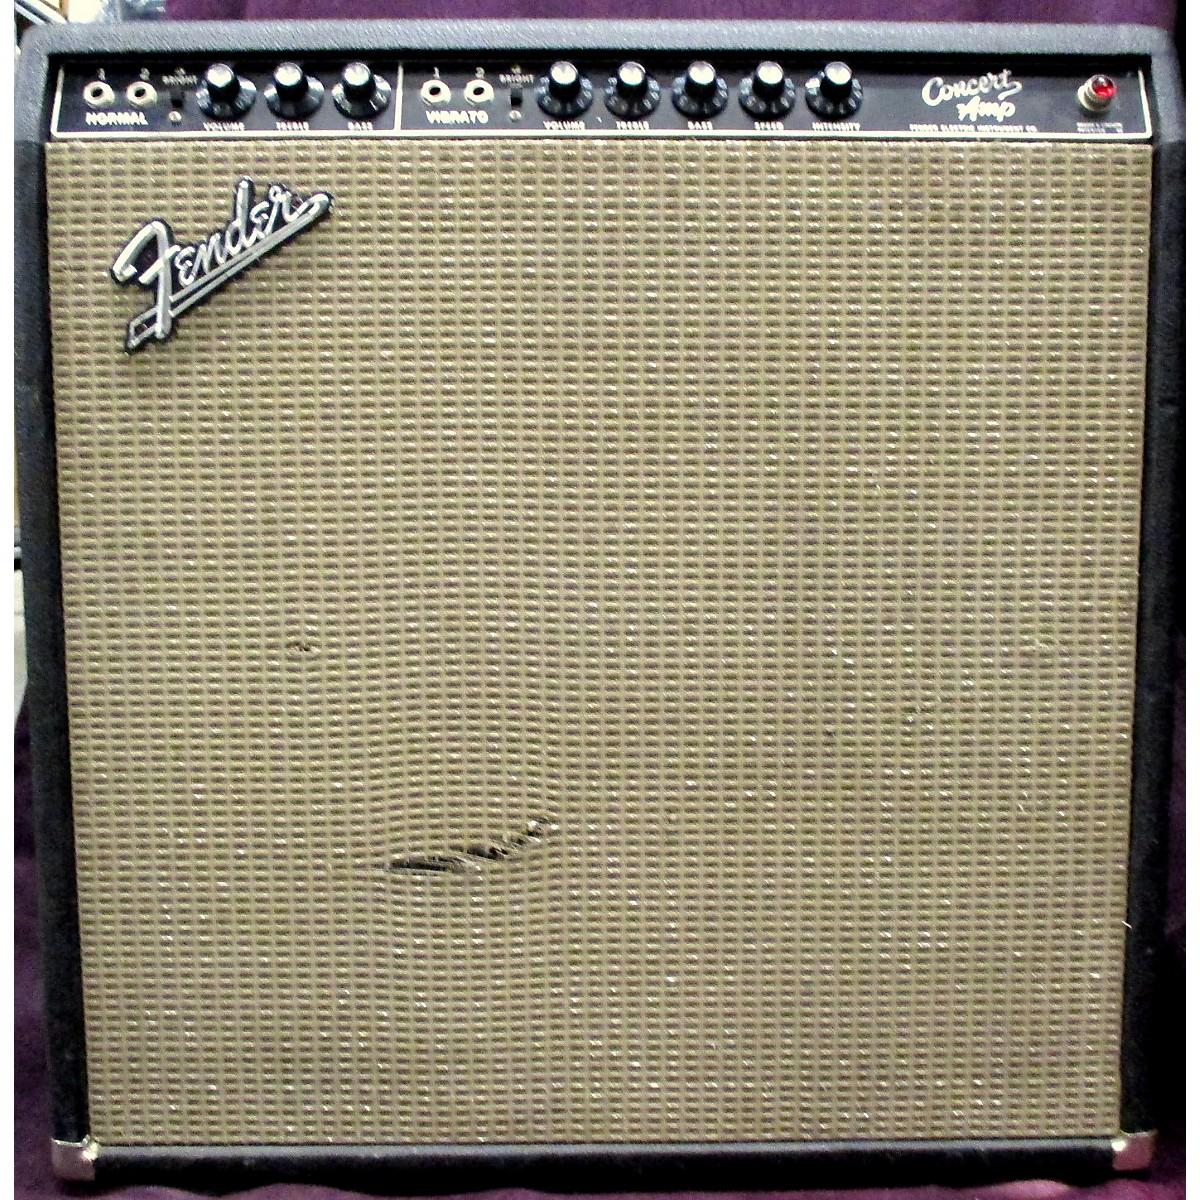 Fender 1964 Concert 4x10 Combo Tube Combo Amp Tube Guitar Combo Amp